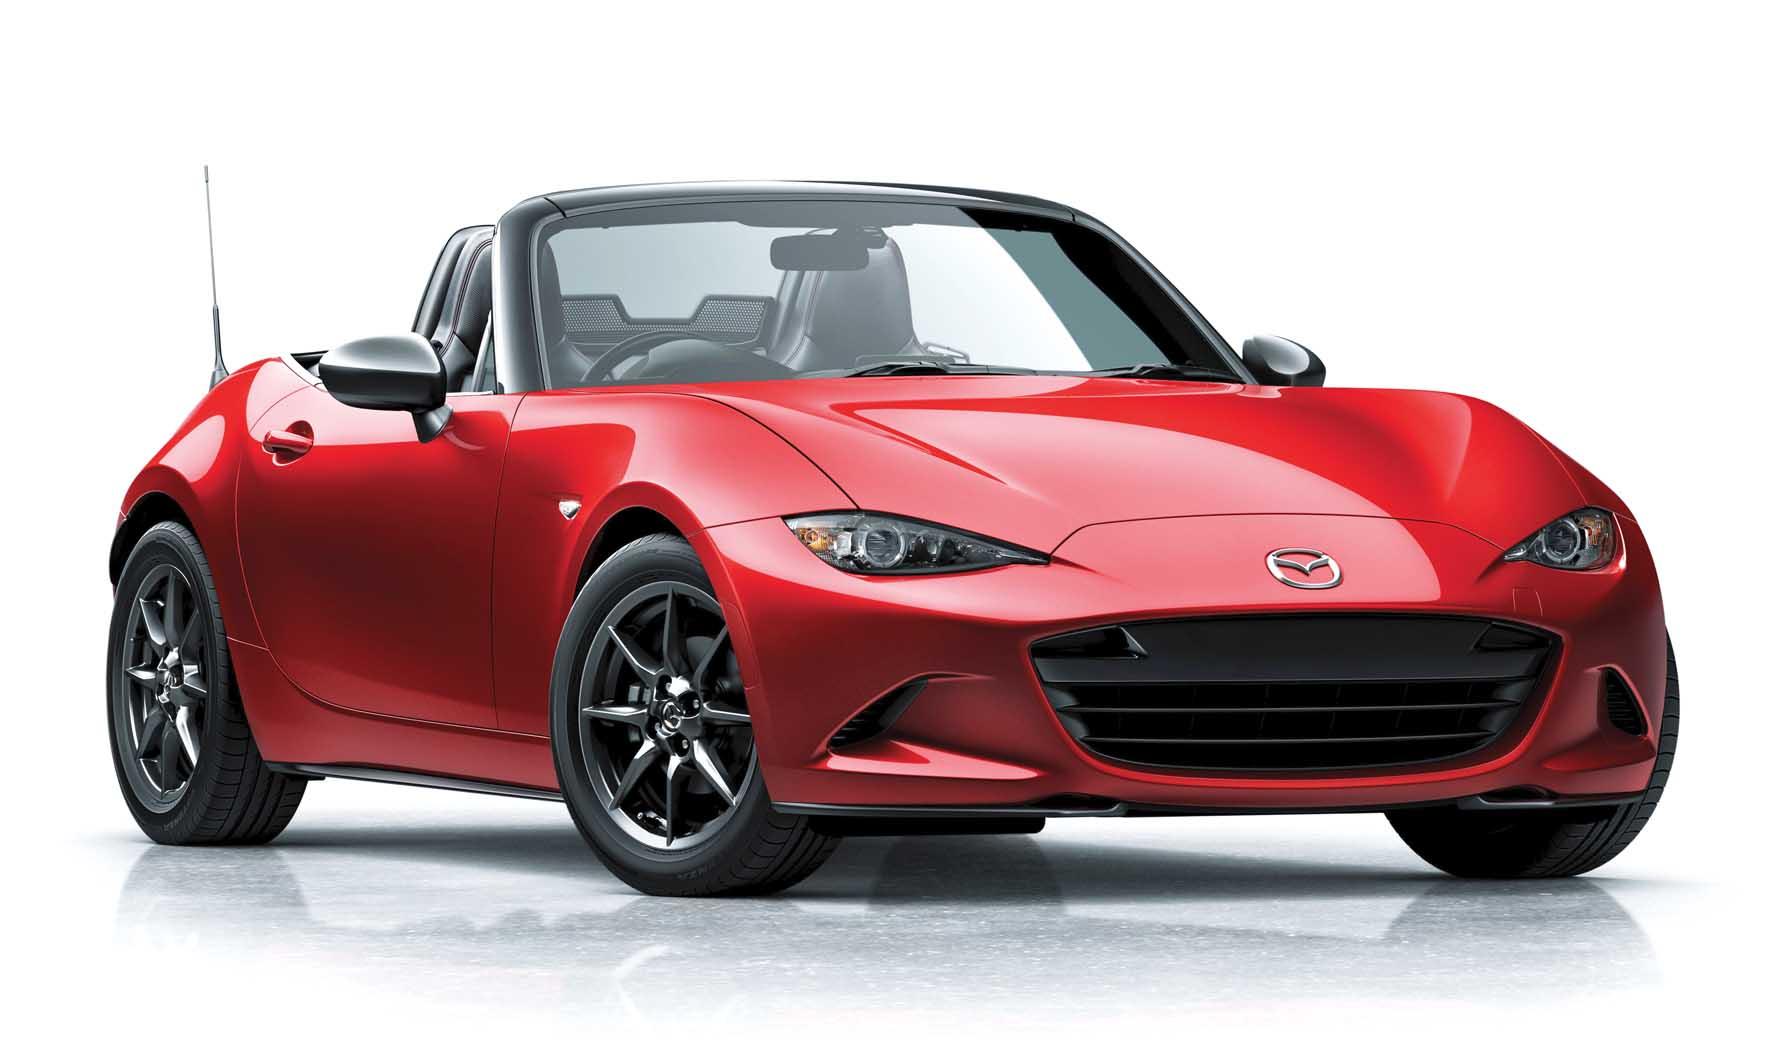 Mazda nuova MX-5 2014 frontlat aperta 2 1